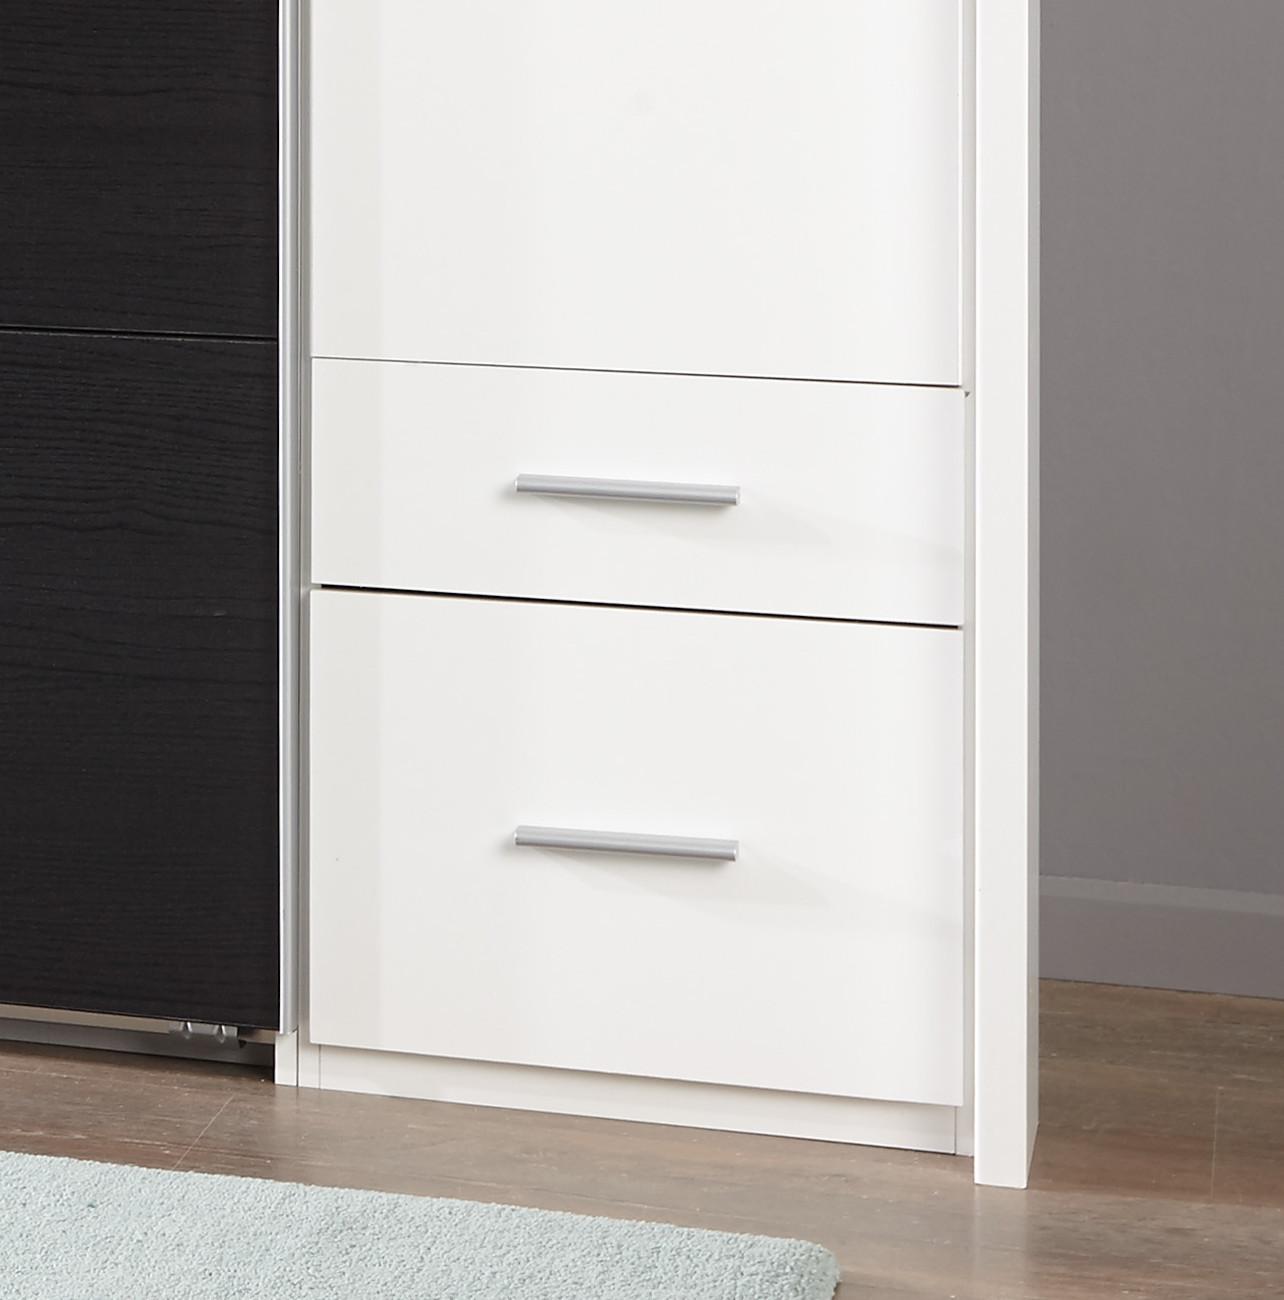 wimex dreh schwebet renschrank schubk sten passepartout 5 farben 3 breiten ebay. Black Bedroom Furniture Sets. Home Design Ideas